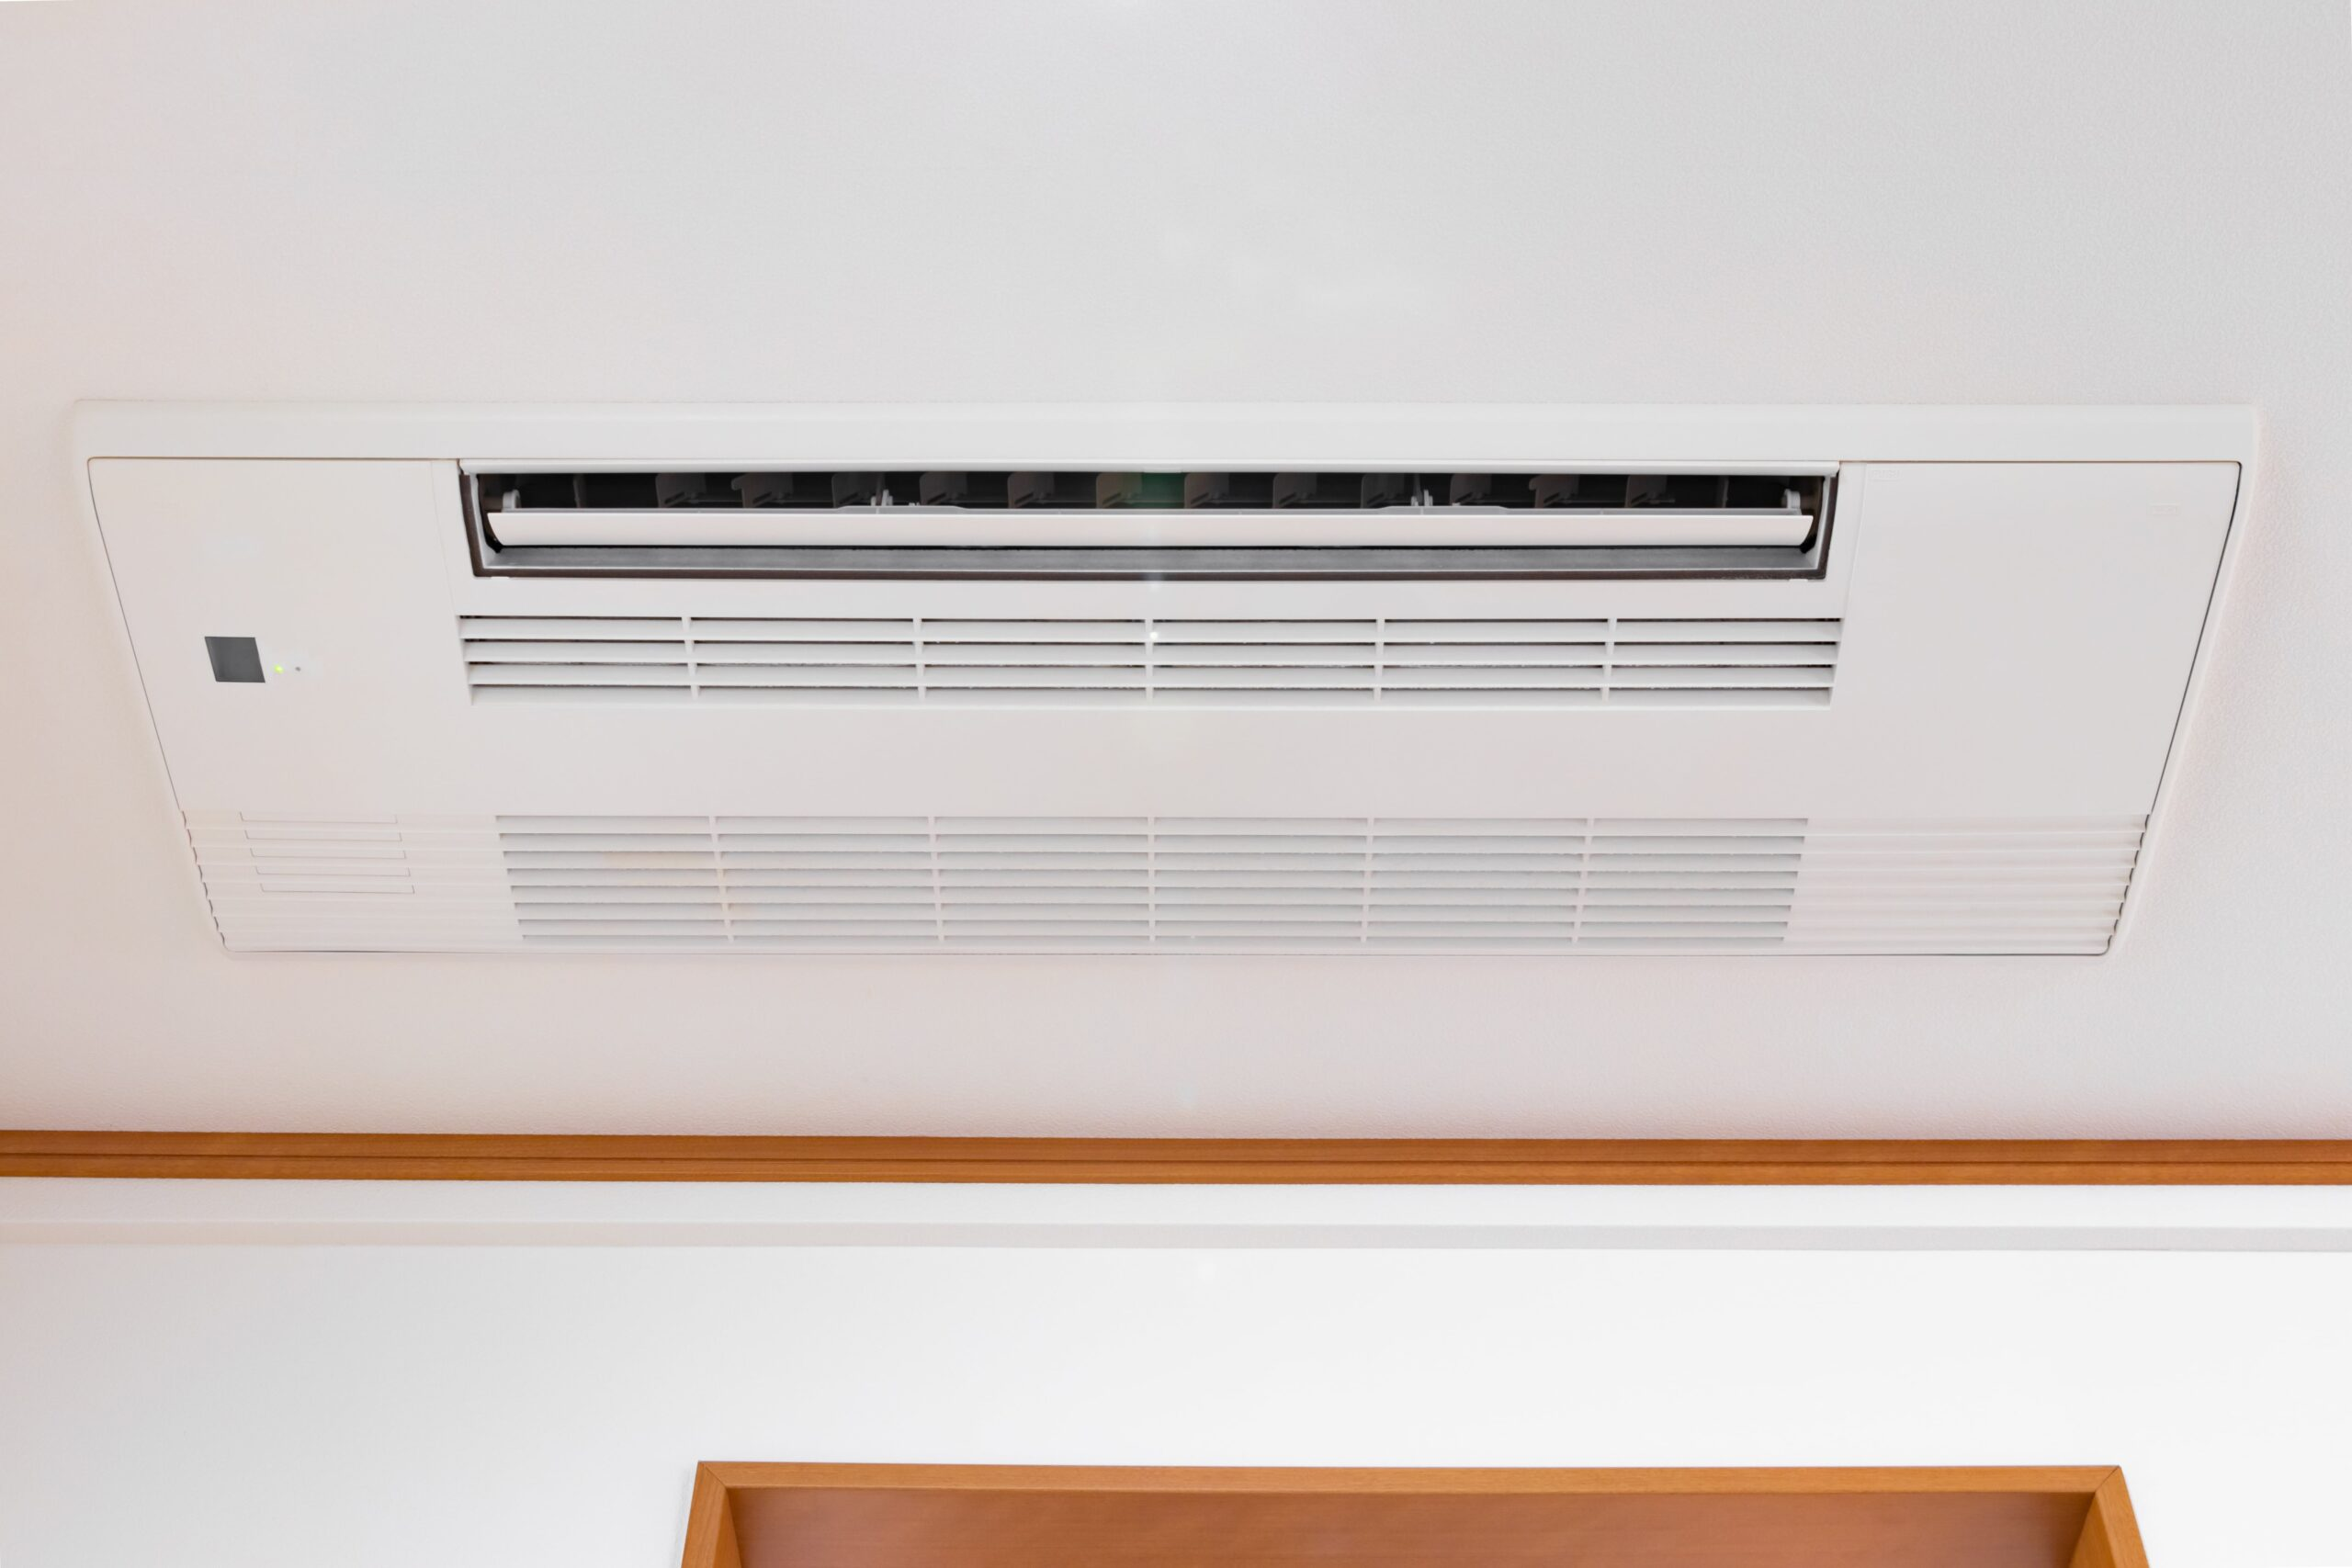 「業務用エアコンの1馬力は何畳まで対応できるの?お部屋の広さに合わせて馬力を選ぼう!」を公開しました。